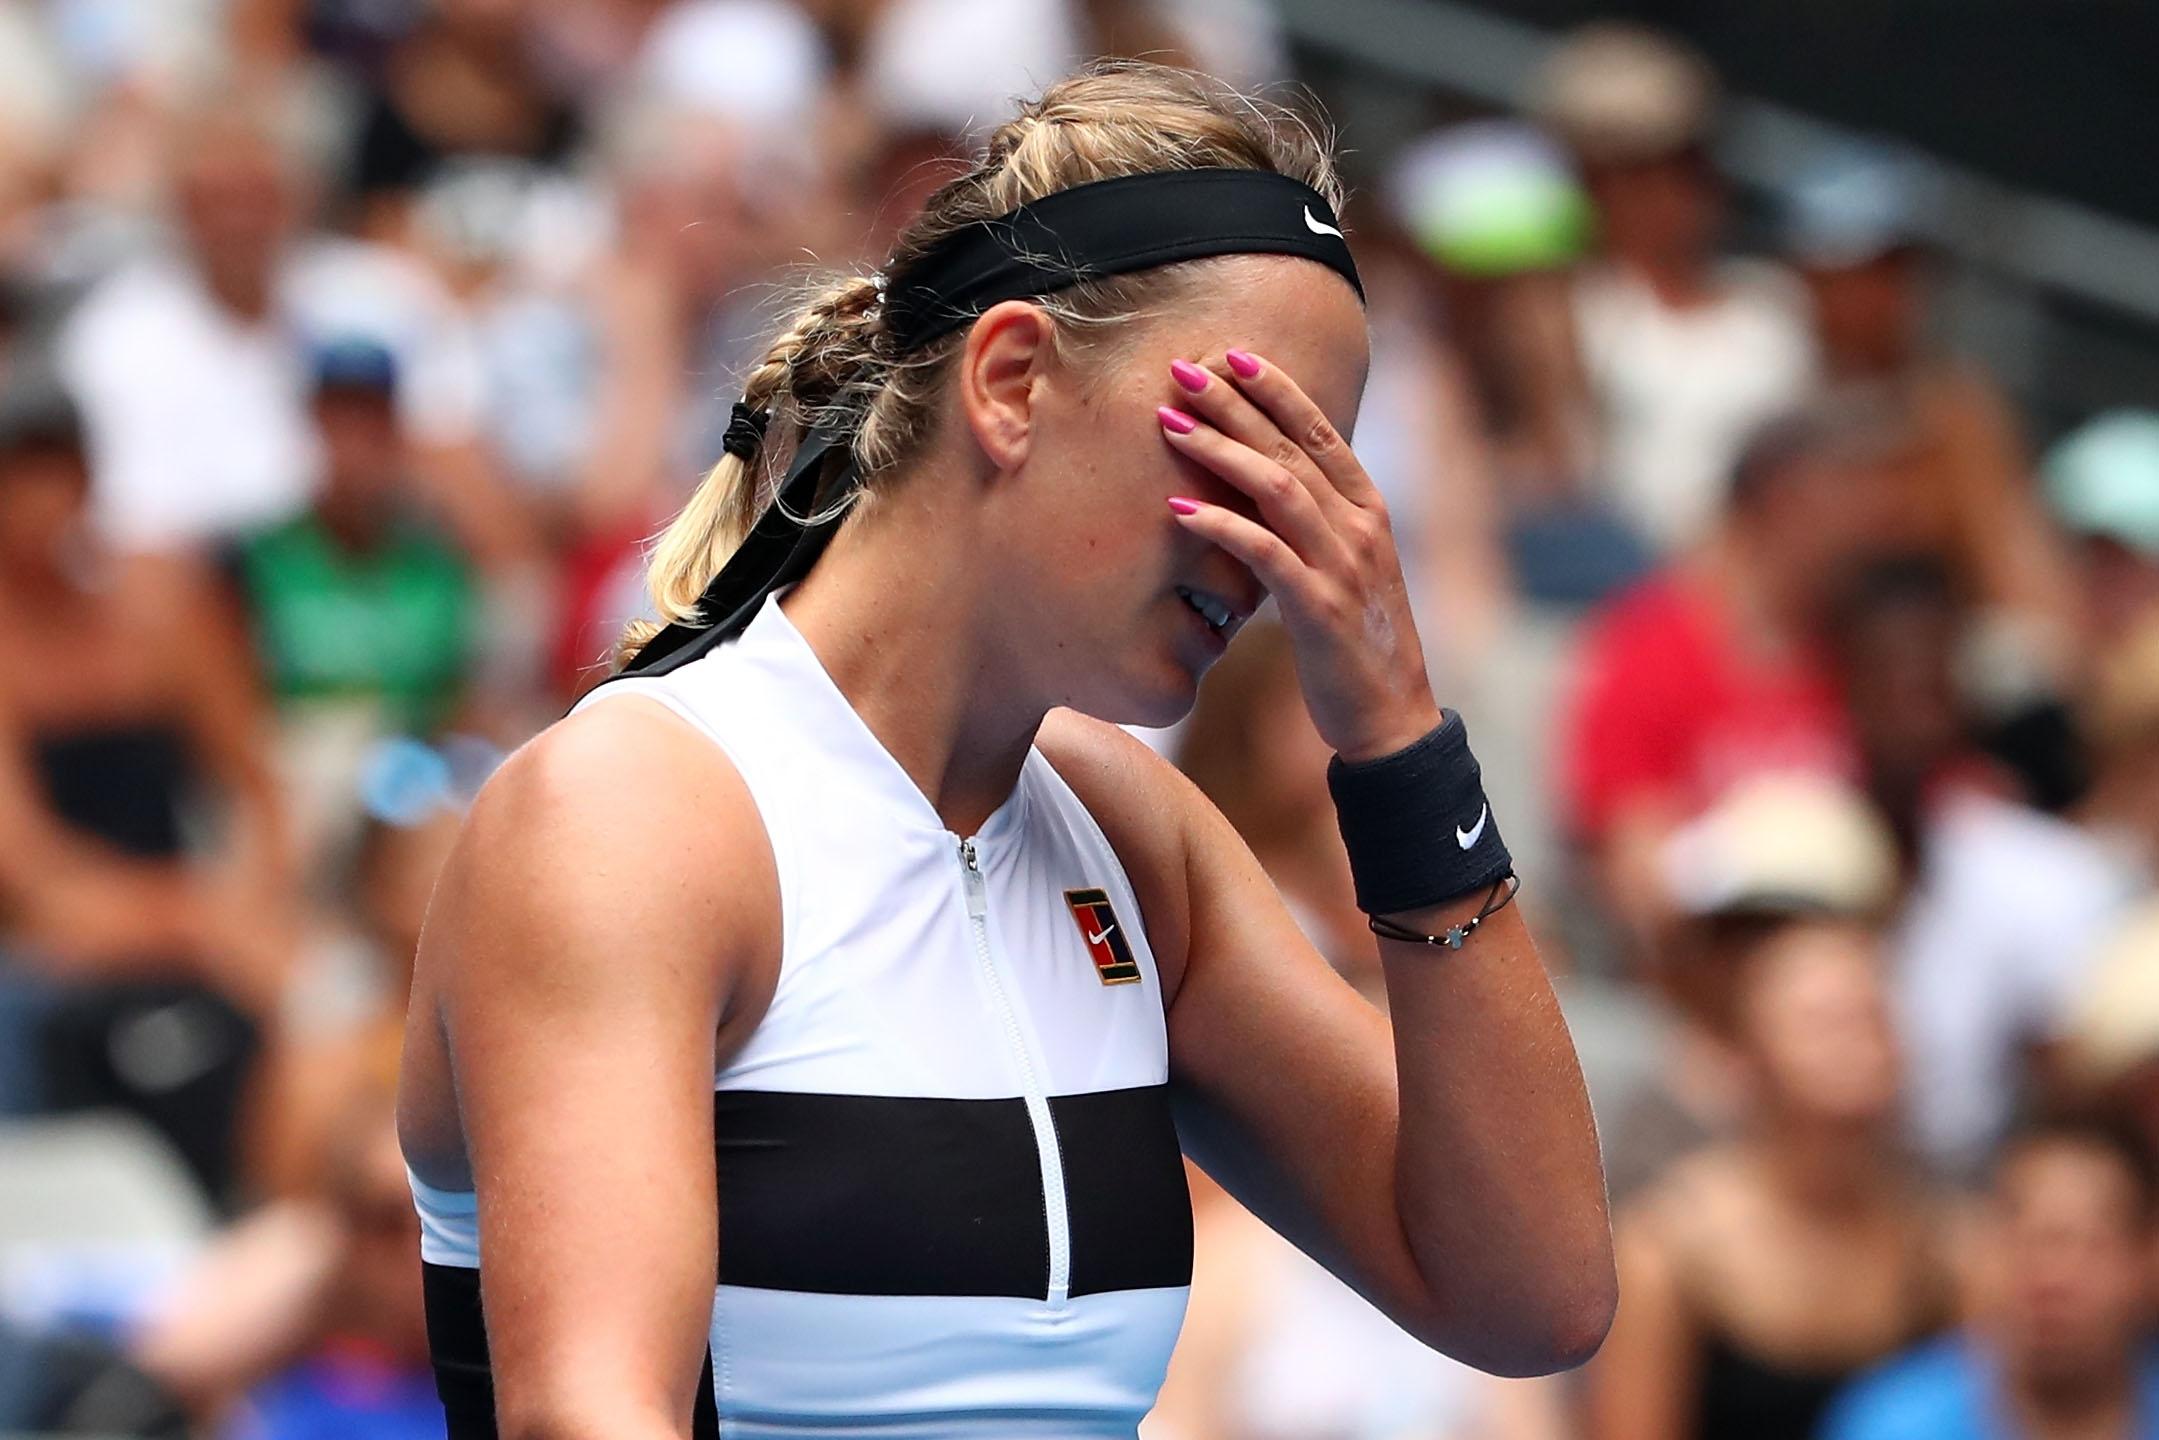 Виктория Азаренка сподели през какви трудни моменти е минала. Тенисистката